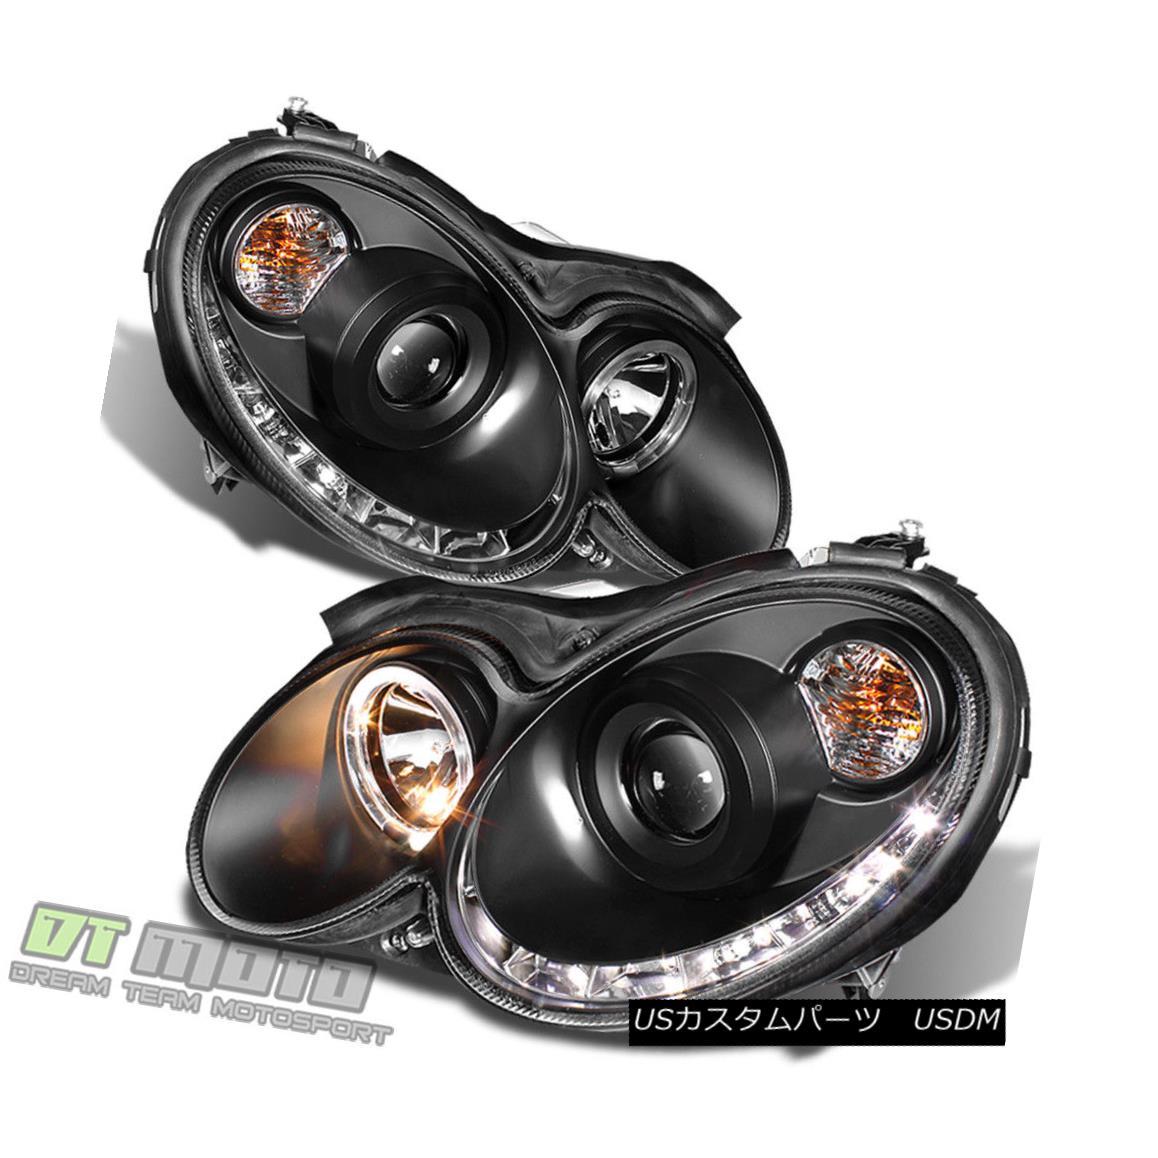 ヘッドライト Black 2003-2009 Mercedes Benz W209 Projector Headlights w/ LED DRL Running Light ブラック2003-2009メルセデスベンツW209プロジェクターヘッドライトLED DRLランニングライト